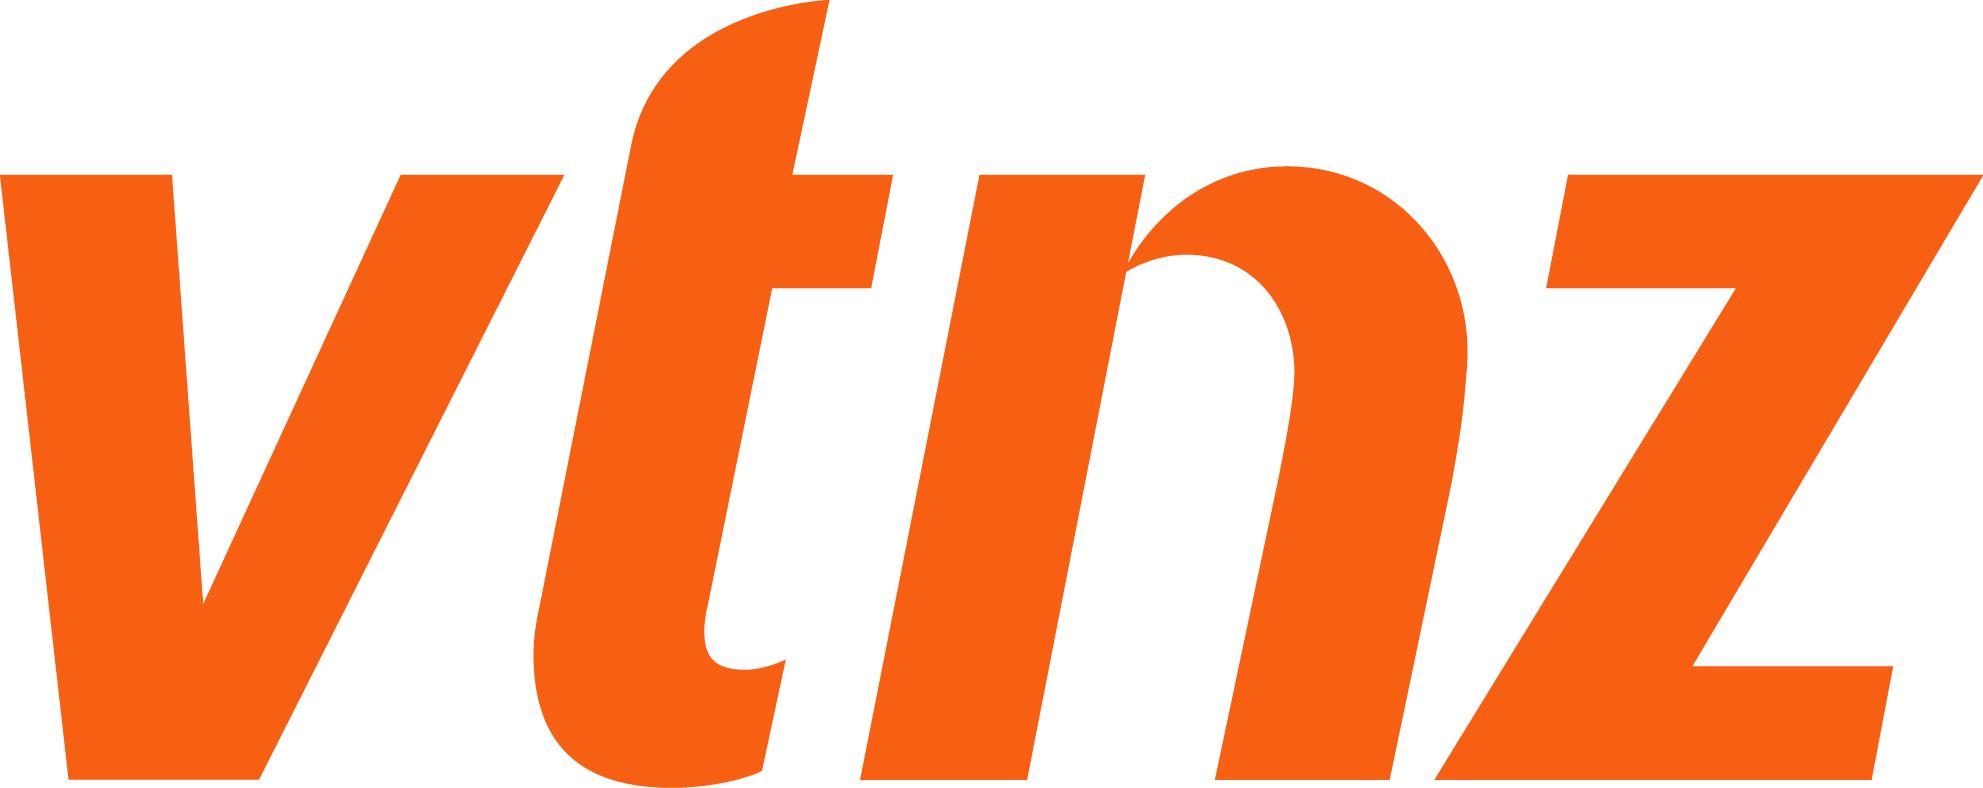 VTNZ_Orange.png